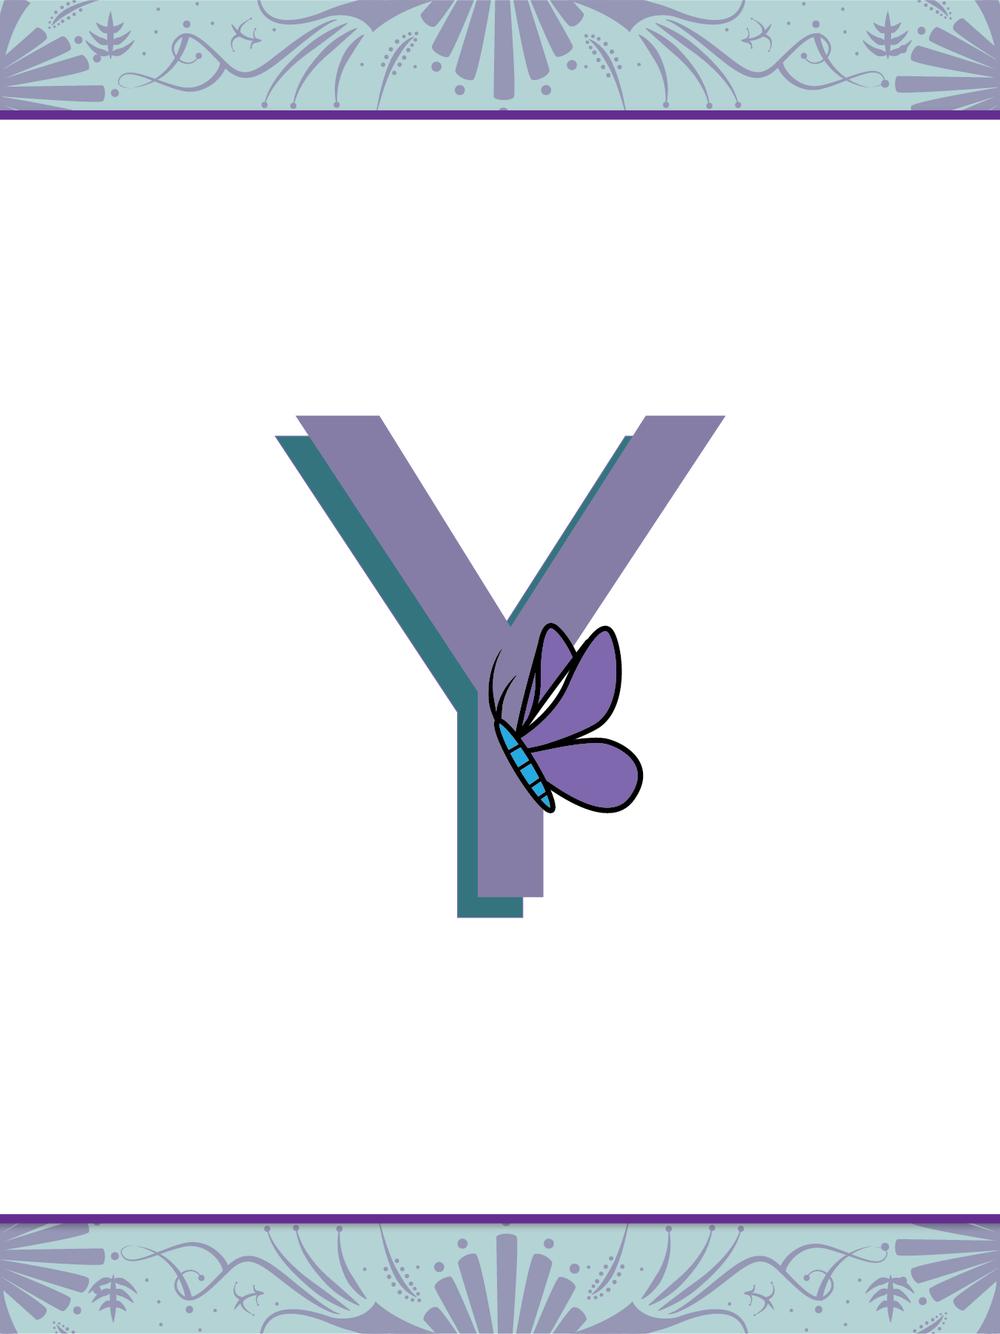 Nena'sBabyshower-Banner_y.png